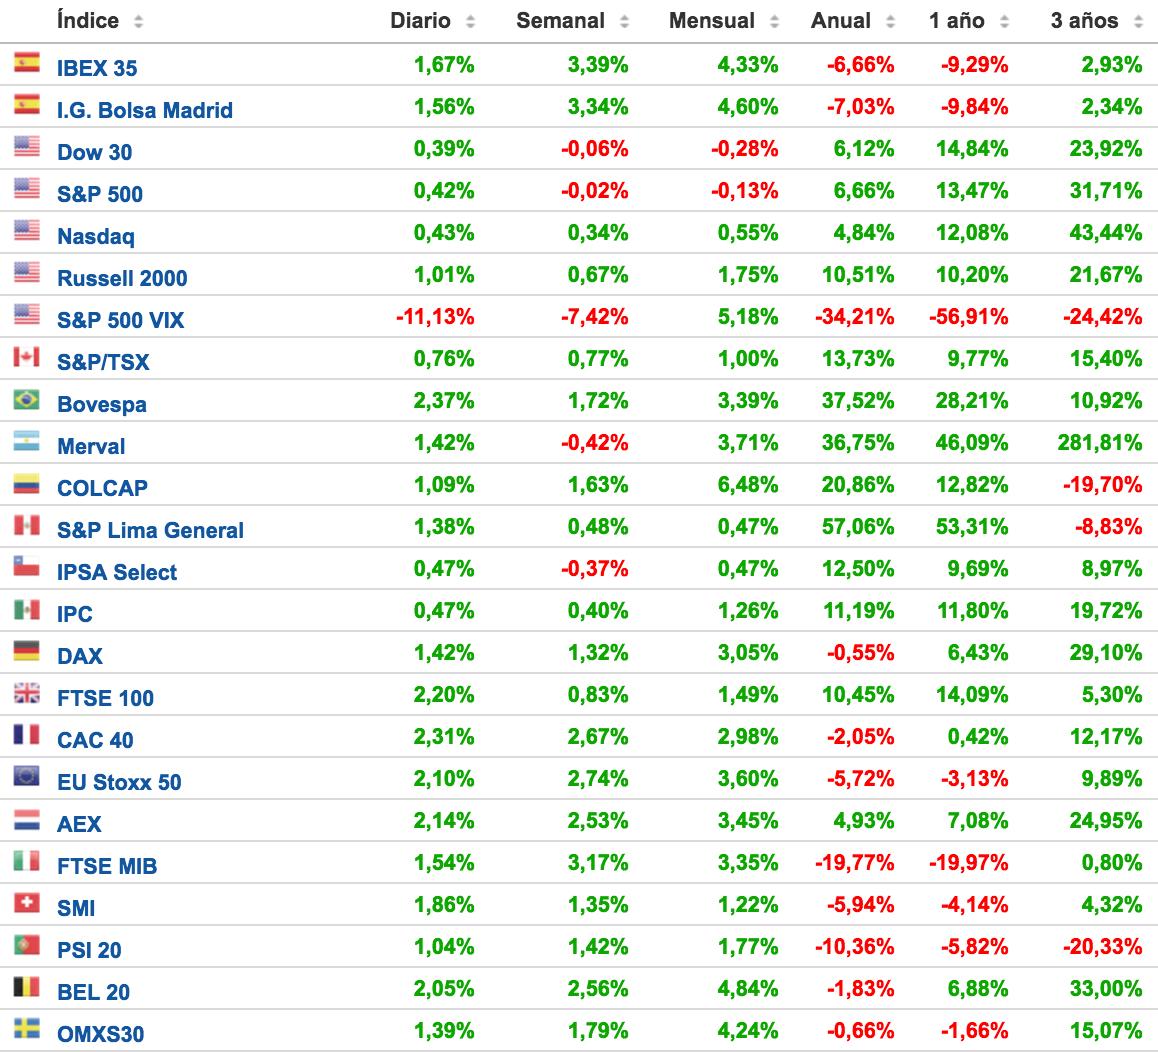 índices-de-las-principales-bolsas-en-el-mundo-última-semana-de-agosto